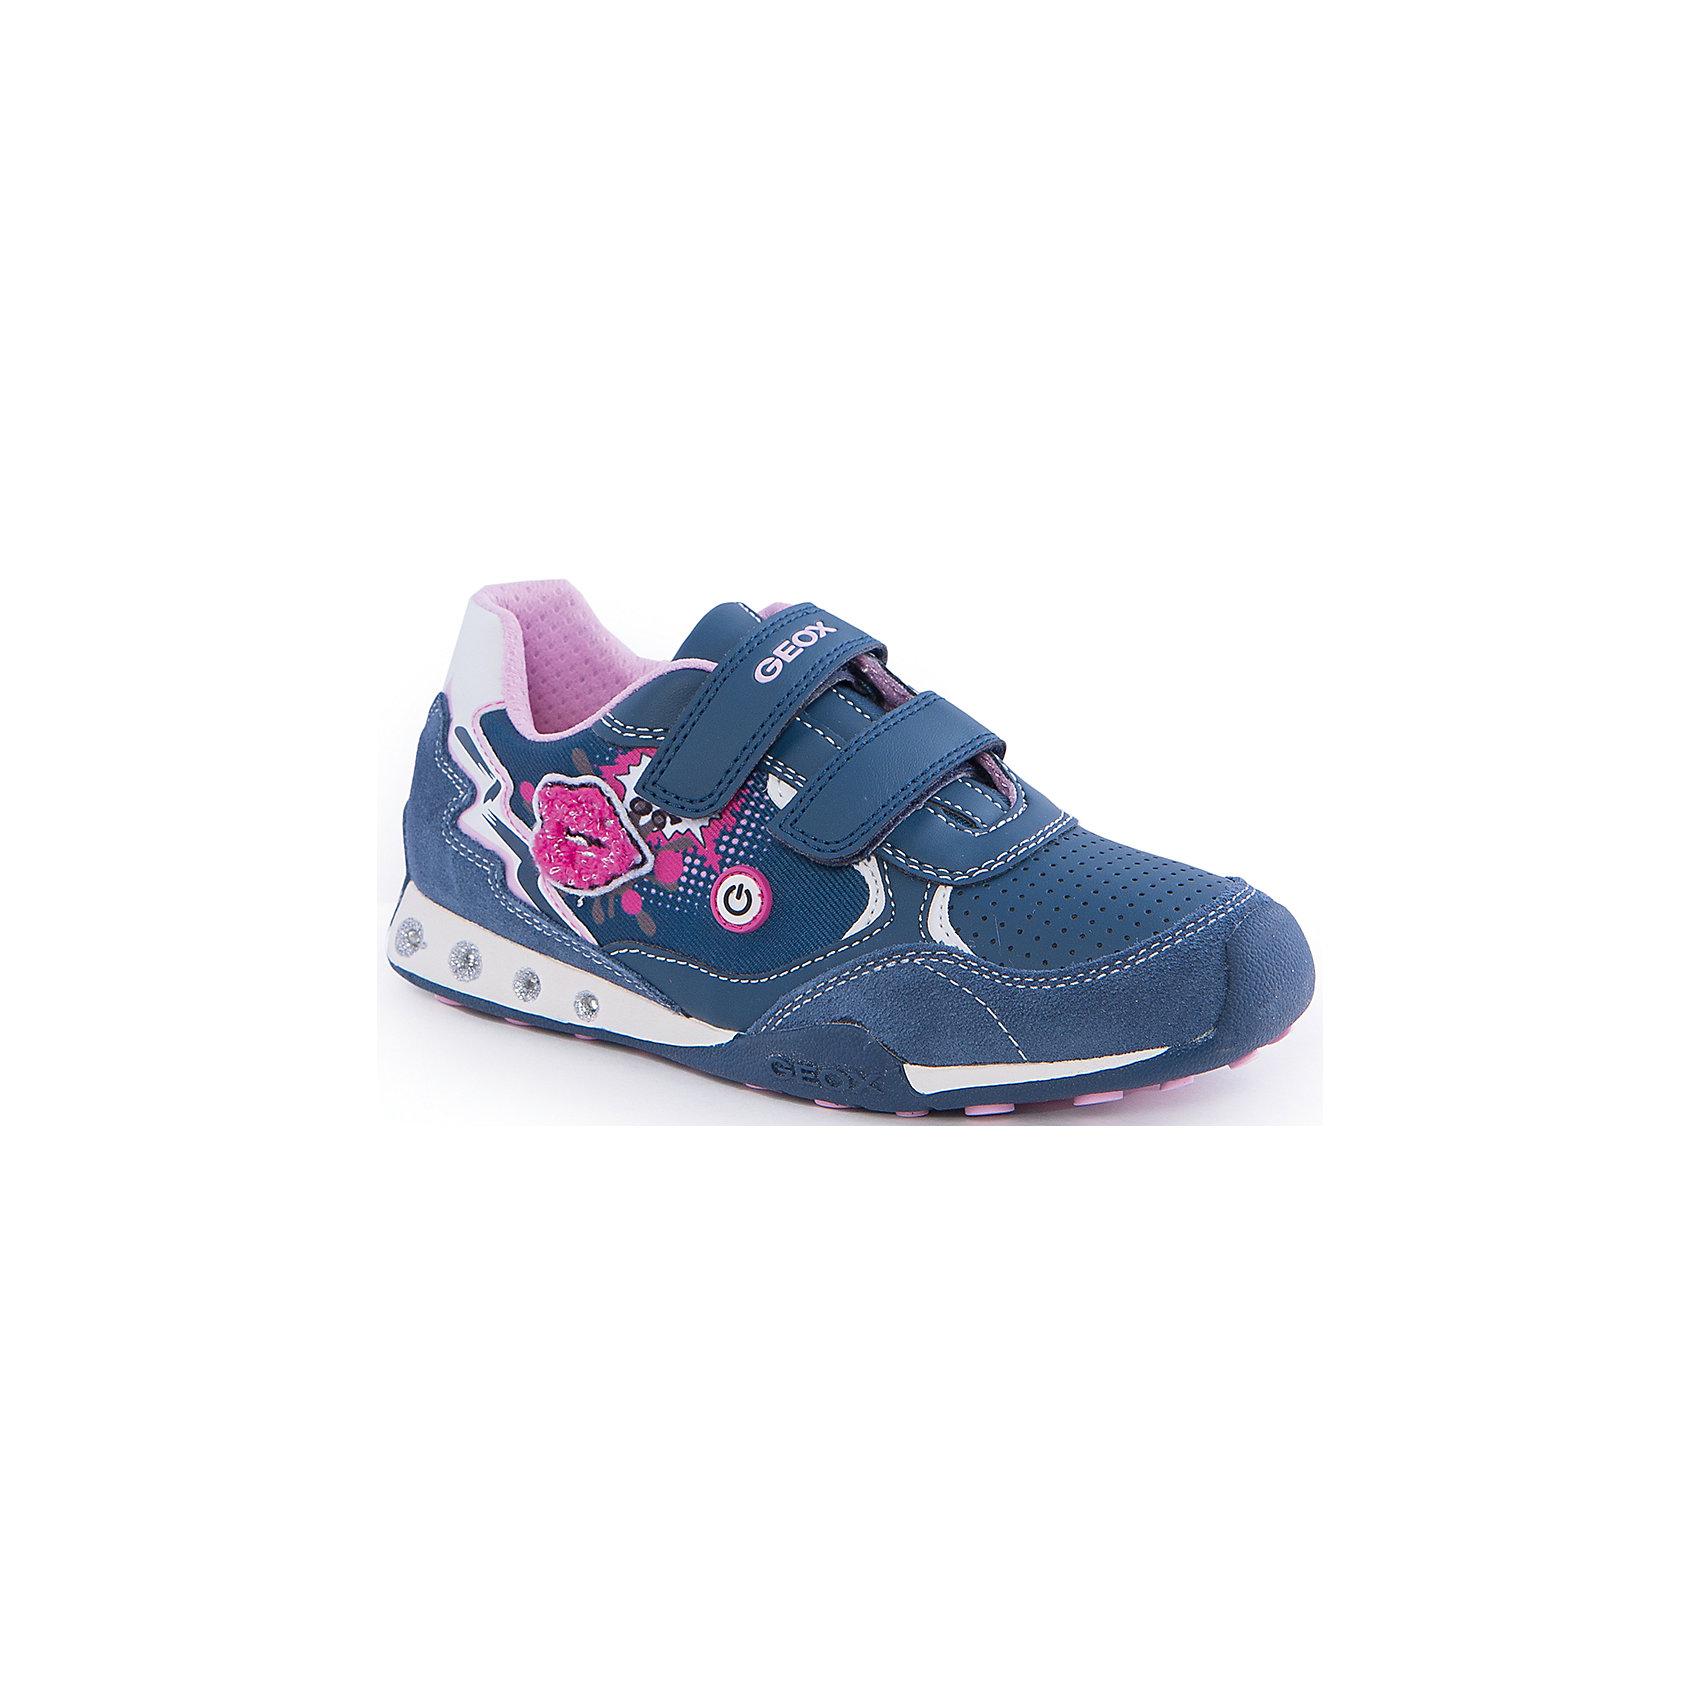 Кроссовки со светодиодами для девочки GEOXКроссовки для девочки от популярной марки GEOX (Геокс).<br><br>Оригинальные и удобные кроссовки - отличная обувь для нового весеннего сезона. Эта модель создана специально для девочек.<br>Производитель обуви заботится не только о внешнем виде, но и стабильно высоком качестве продукции. GEOX (Геокс) разработал специальную дышащую подошву, которая не пропускает влагу внутрь, а также высокотехнологичную стельку.<br><br>Отличительные особенности модели:<br><br>- цвет: синий;<br>- декорированы принтом и аппликацией;<br>- гибкая водоотталкивающая подошва с дышащей мембраной;<br>- мягкий и легкий верх;<br>- защита пальцев и пятки;<br>- стильный дизайн;<br>- удобная застежка-липучка;<br>- комфортное облегание;<br>- верх обуви и подкладка сделаны без использования хрома.<br><br>Дополнительная информация:<br><br>- Температурный режим: от +10° С до 25° С.<br><br>- Состав:<br><br>материал верха: текстиль, синтетический материал<br>материал подкладки: текстиль<br>подошва: 100% резина<br><br>Кроссовки для девочки GEOX (Геокс) (Геокс) можно купить в нашем магазине.<br><br>Ширина мм: 250<br>Глубина мм: 150<br>Высота мм: 150<br>Вес г: 250<br>Цвет: синий<br>Возраст от месяцев: 96<br>Возраст до месяцев: 108<br>Пол: Женский<br>Возраст: Детский<br>Размер: 32,26,29,27,28,30,31,34,35,37,36,33<br>SKU: 4518990